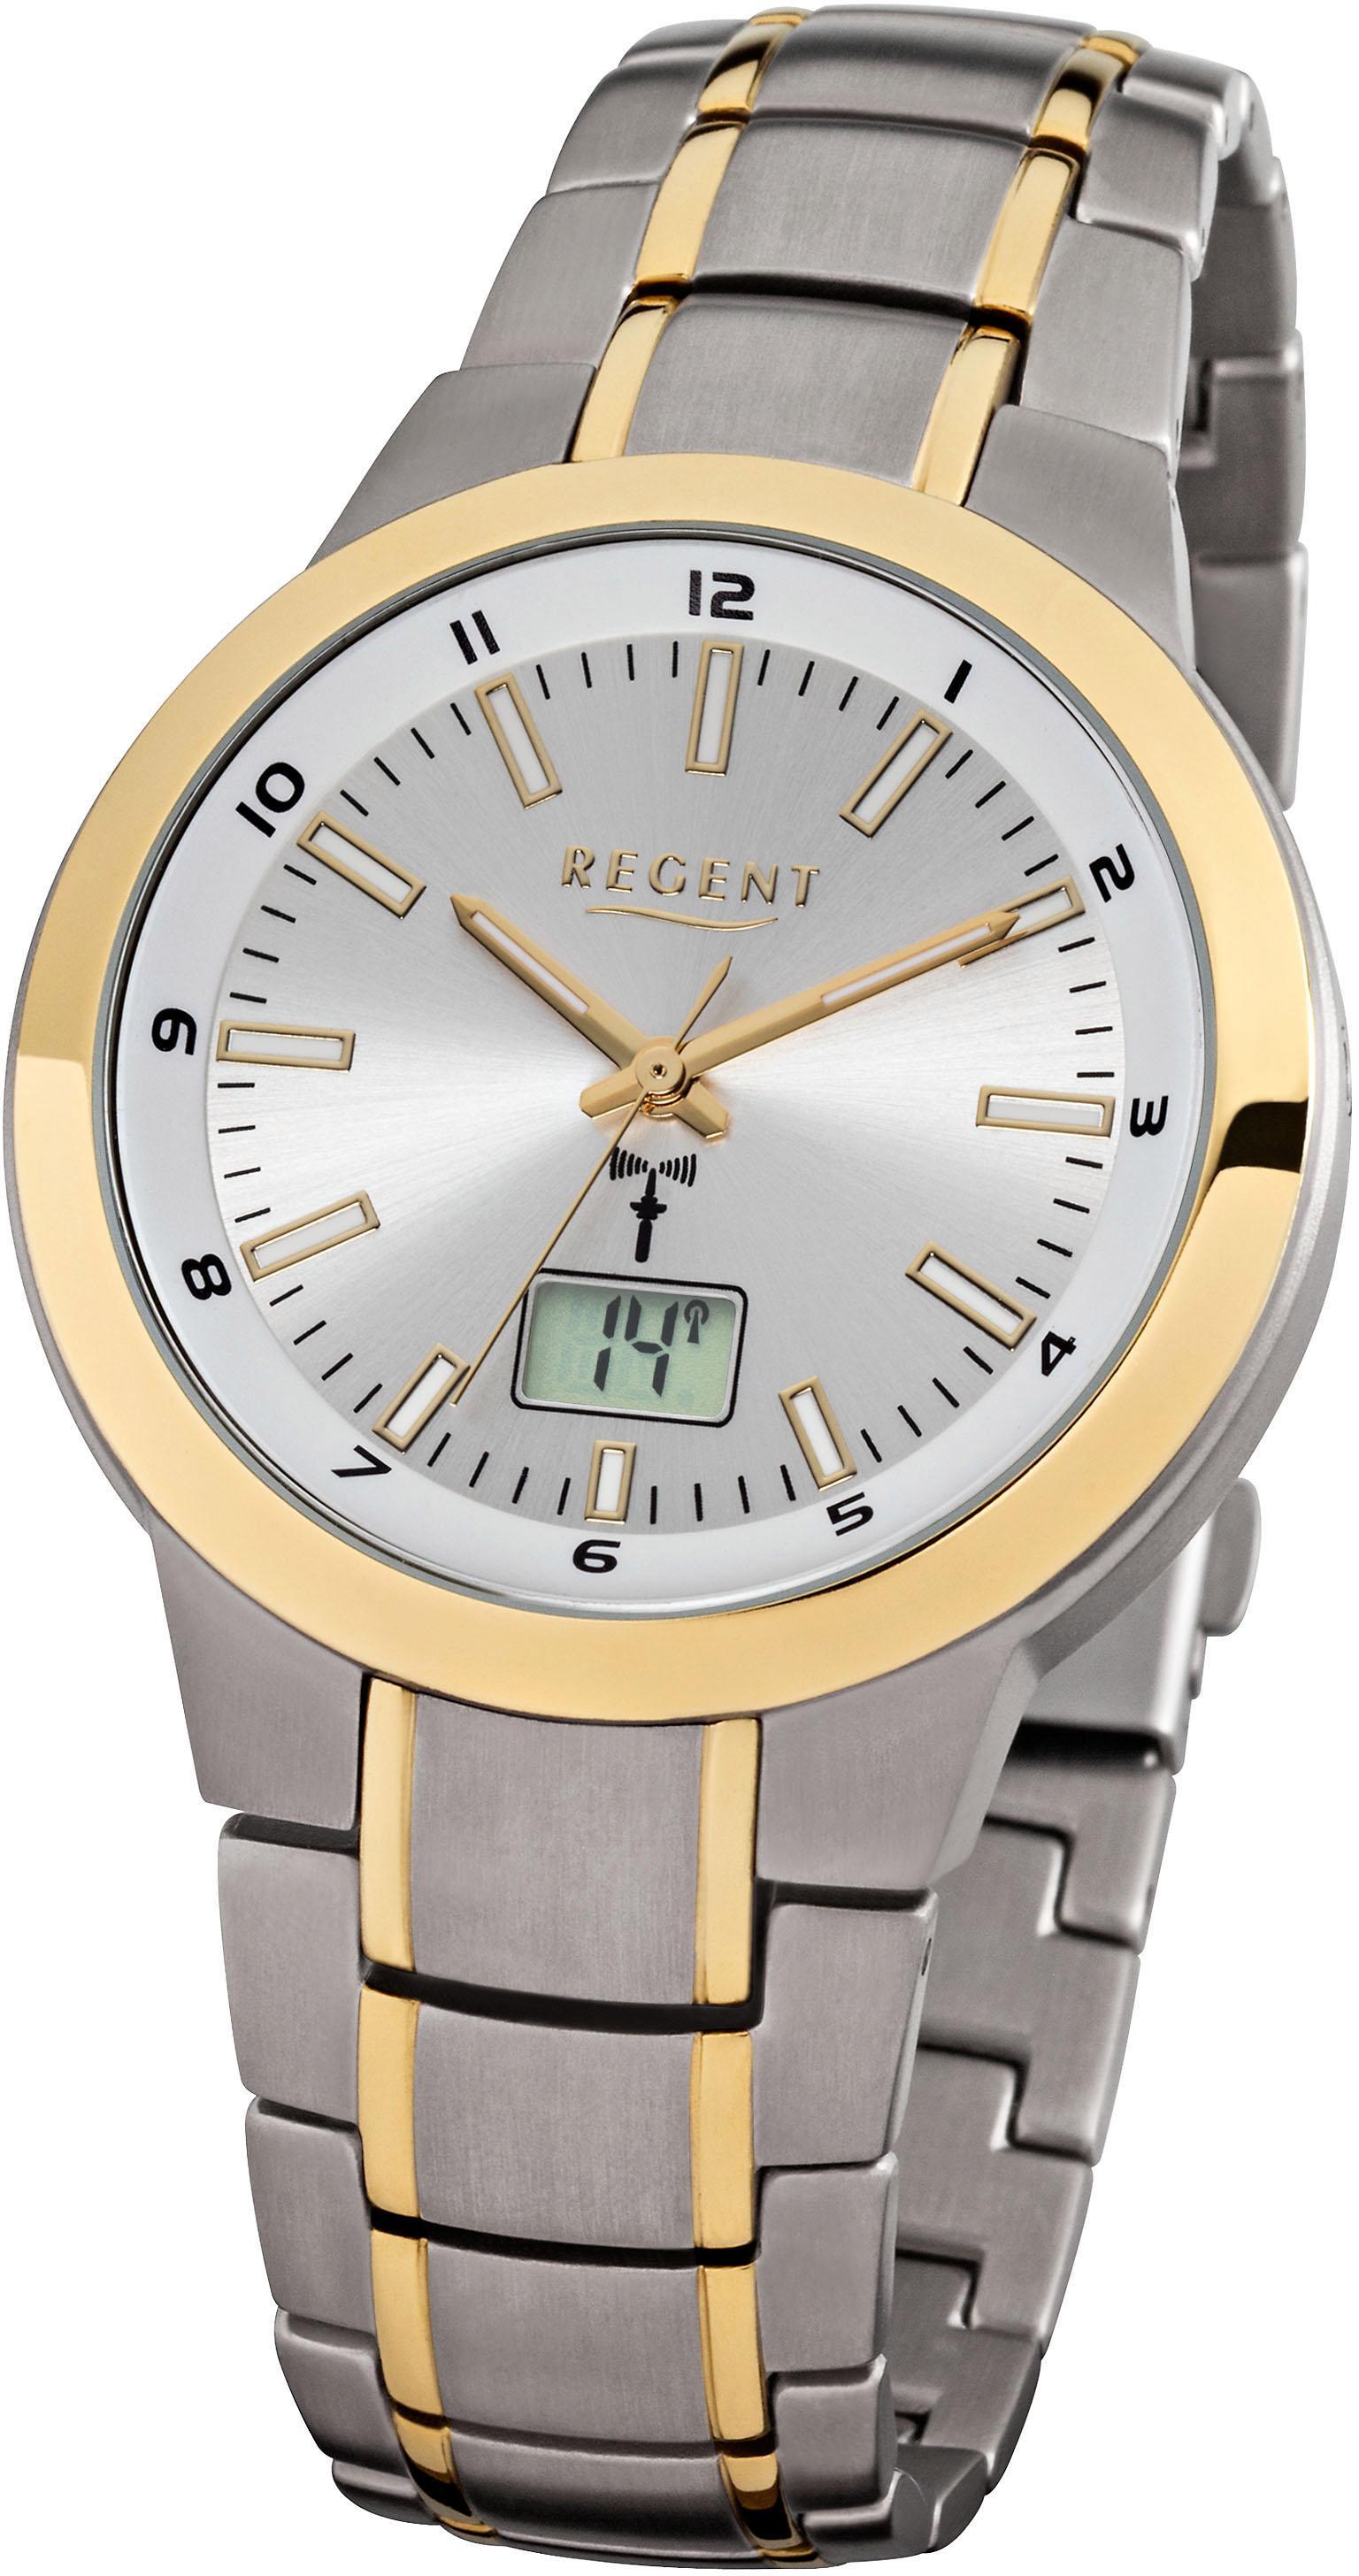 Regent Funkuhr 18439191 FR239 | Uhren > Funkuhren | Regent